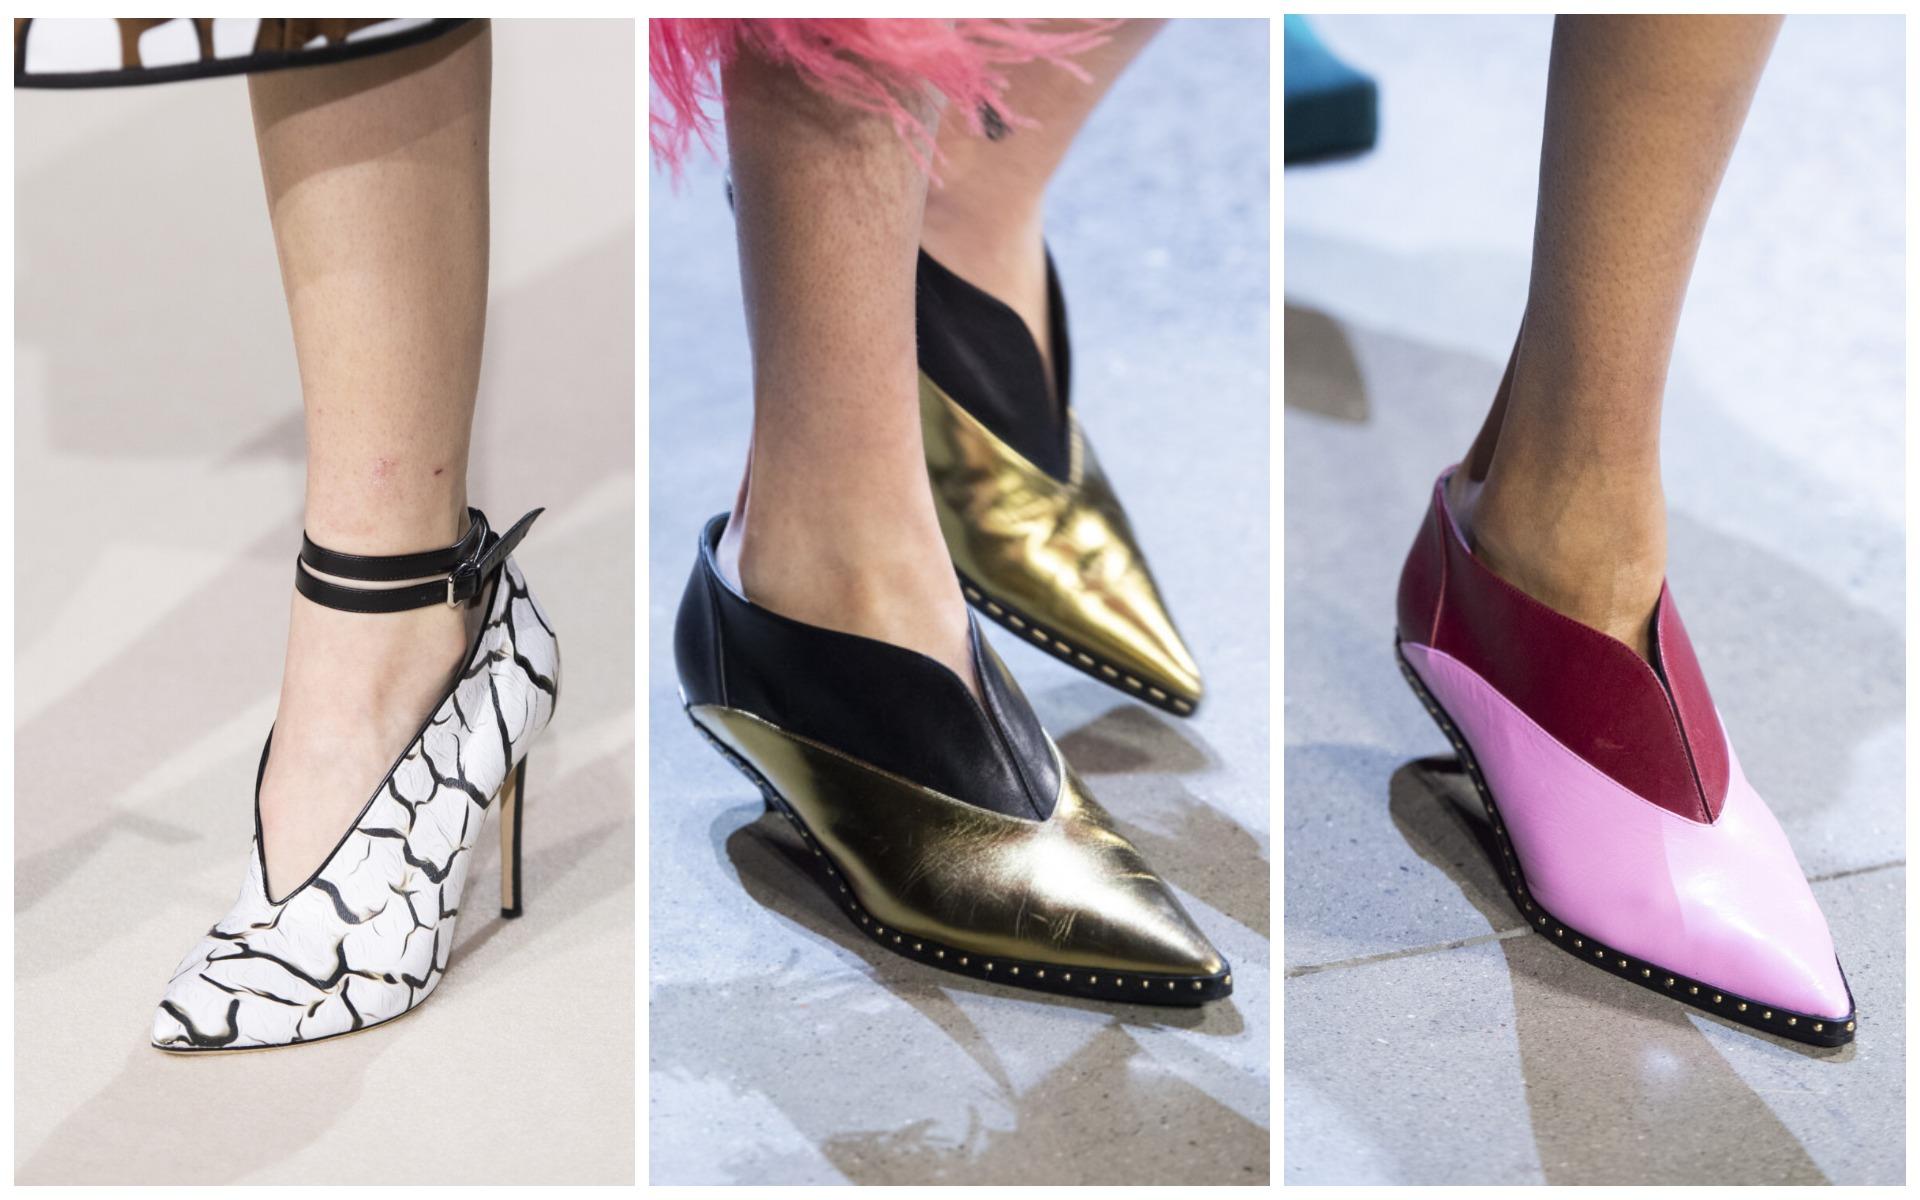 V-образный вырез на обуви - не новая тенденция, но очень интересная